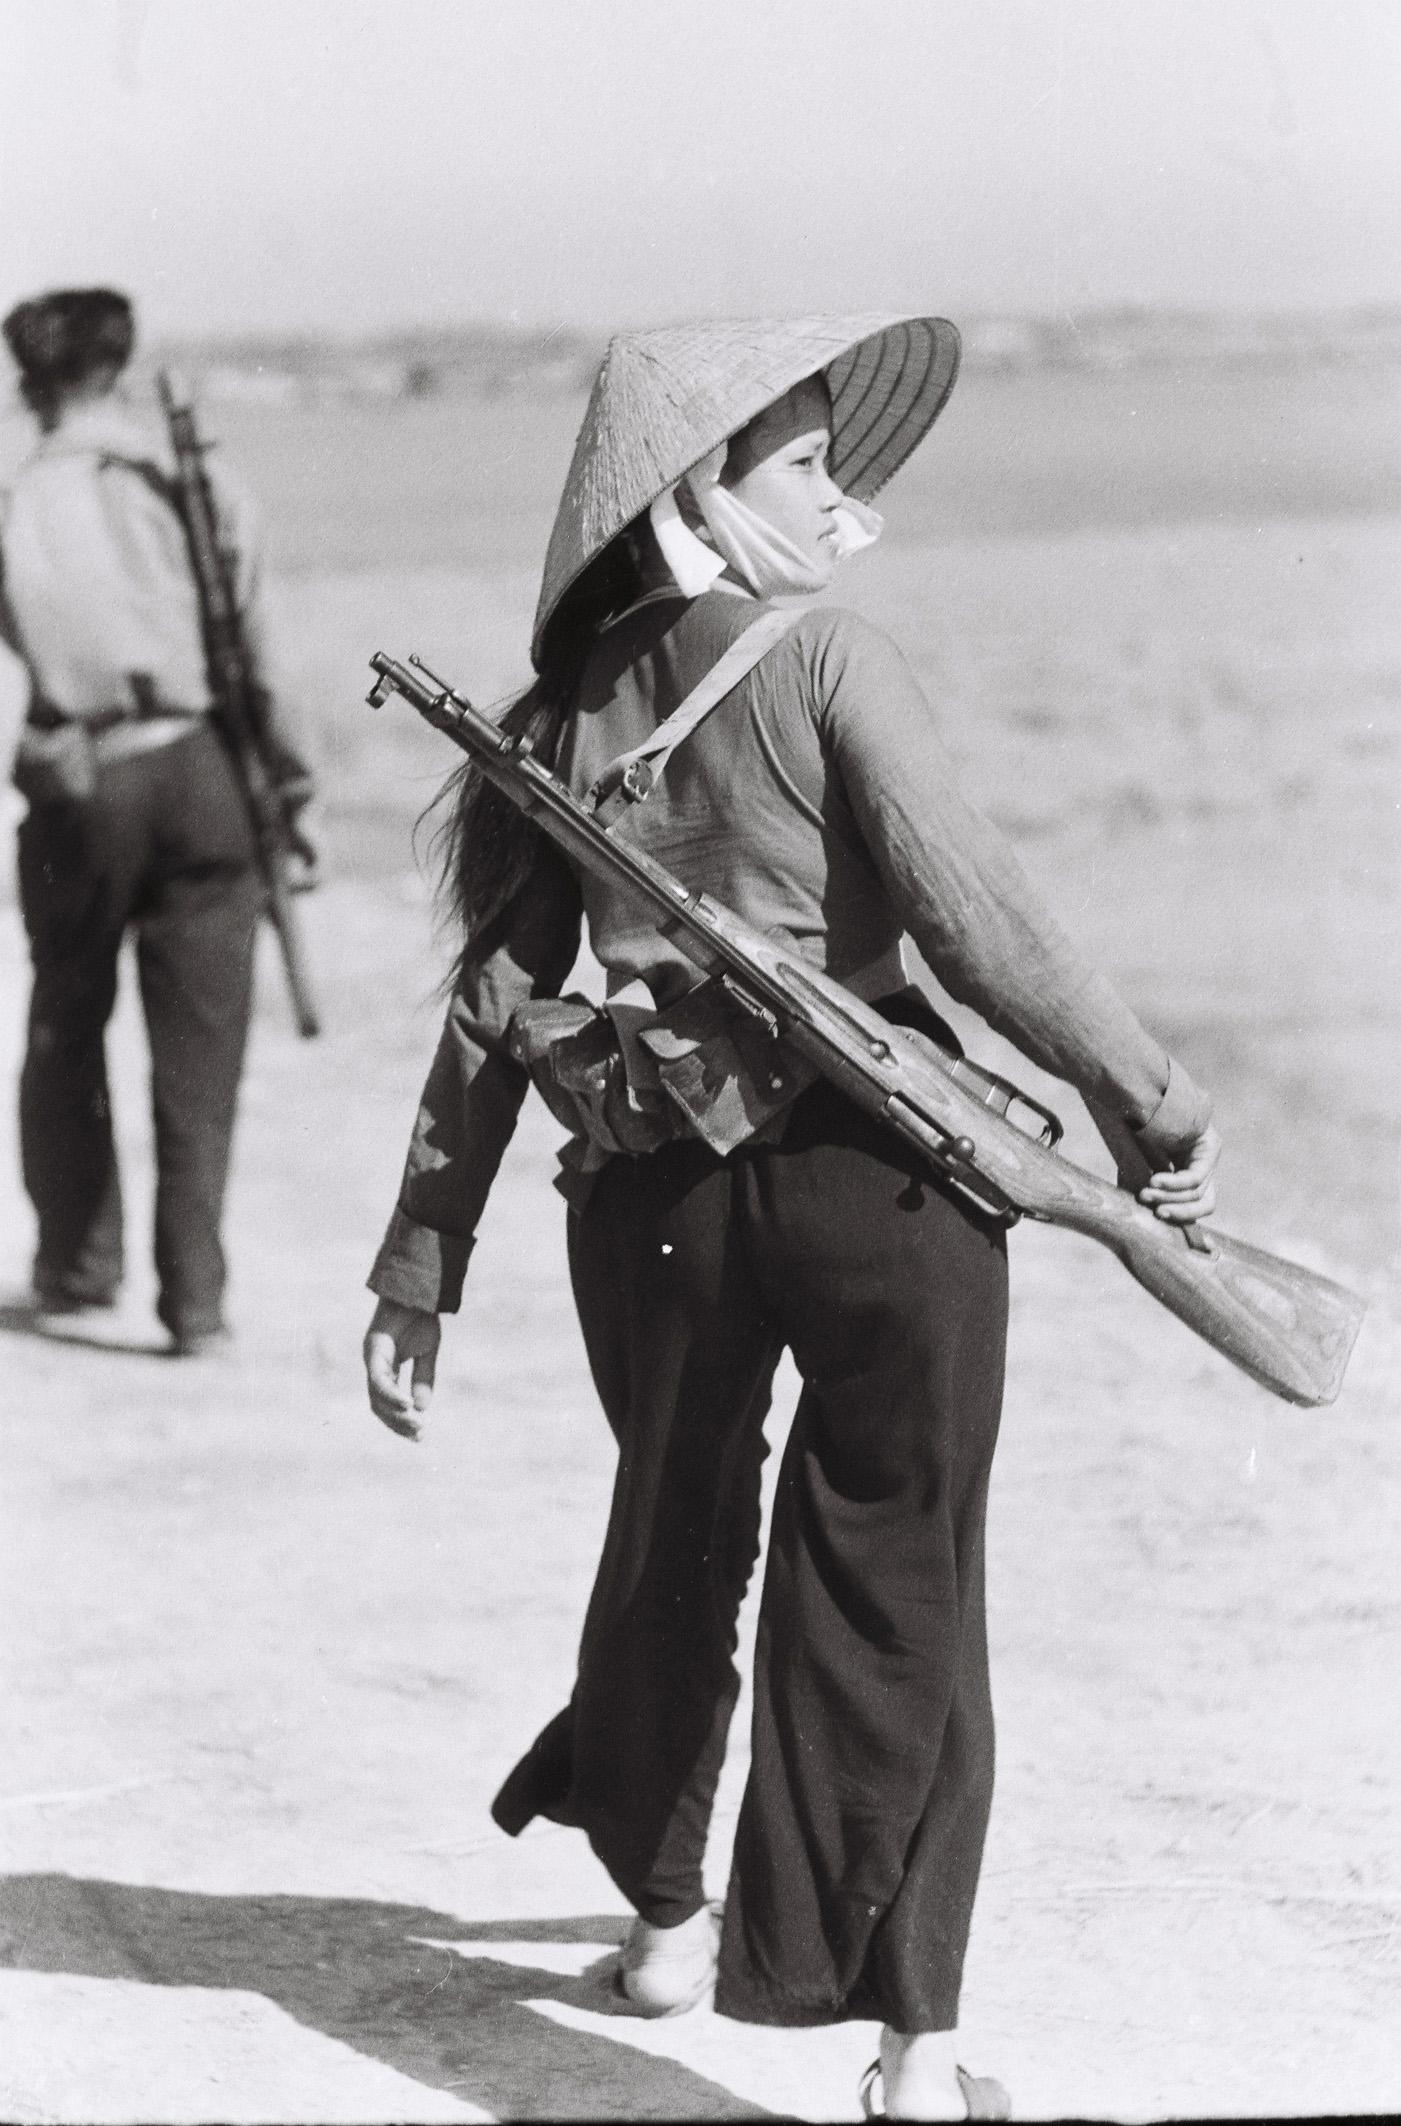 1966. À 19 ans, Nguyen Thi Hien est chef de l'escouade de la milice à Yen Vuc, district de Ham Rong, province de Thanh Hoa. Elle a survécu à plus de 800 raids aériens et a été enterrée vivante à quatre reprises lors des explosions des bombes de B-52. © Maï Nam